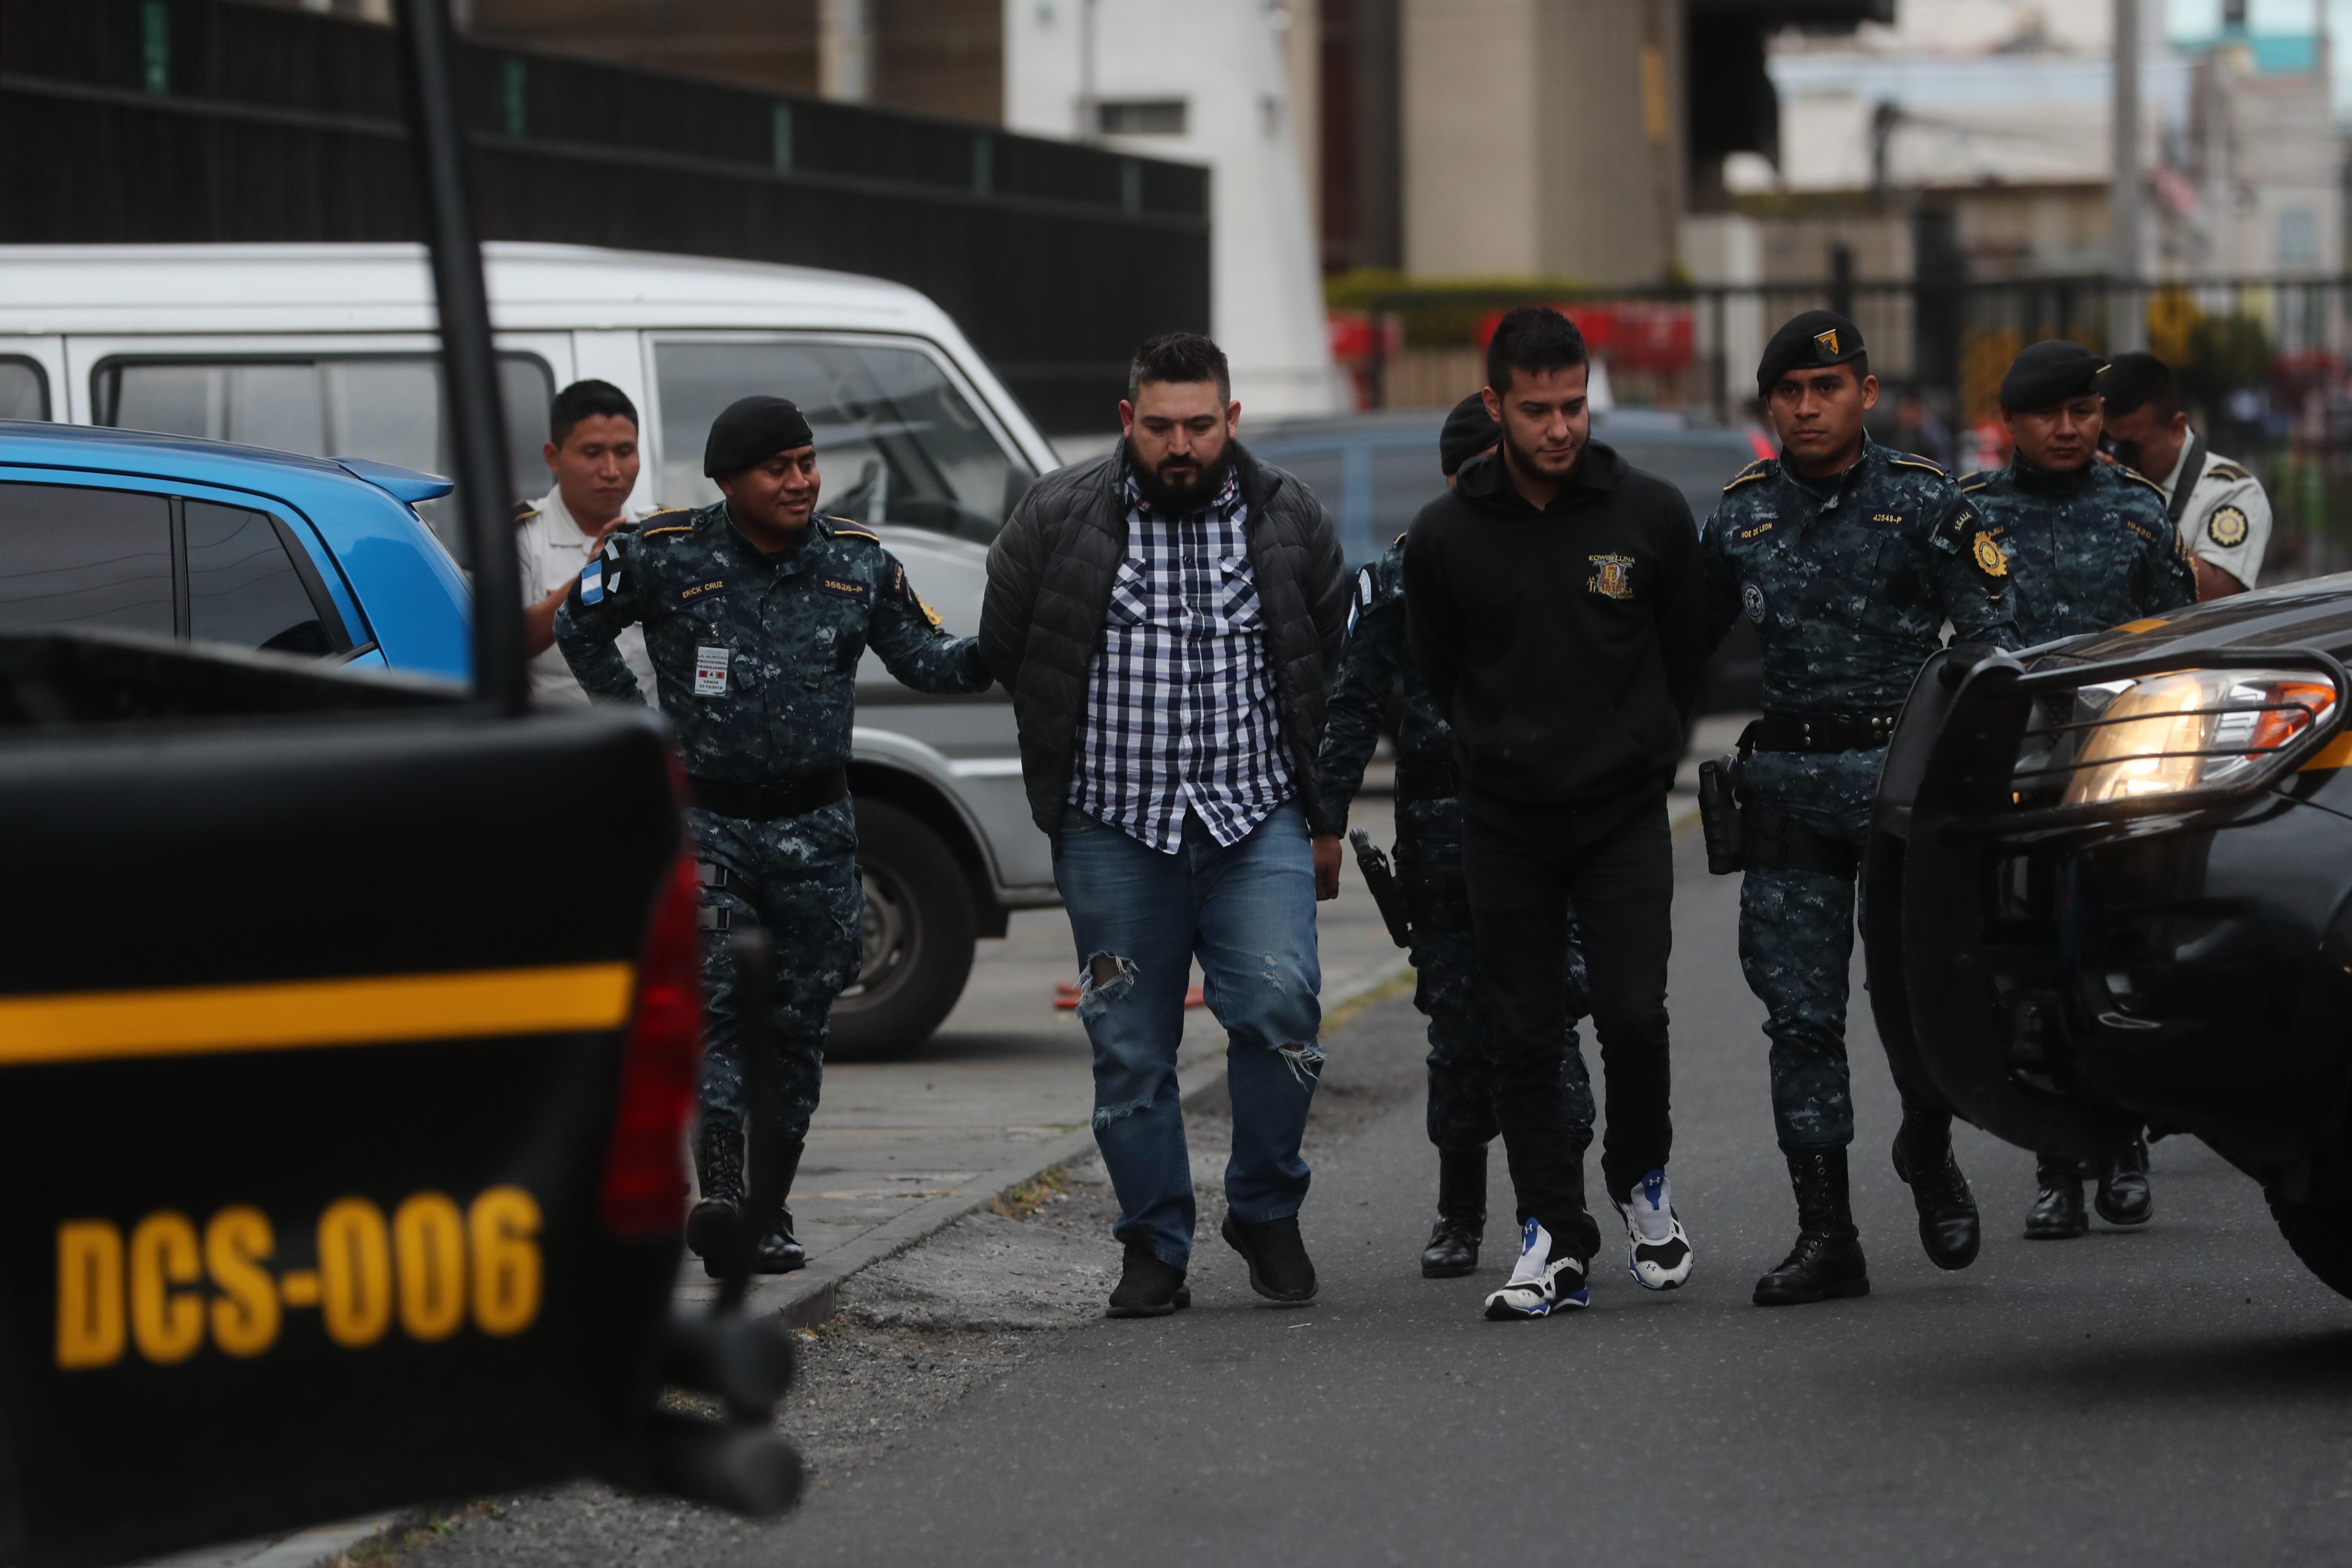 Dos personas son detenidas en el aeropuerto internacional la Aurora a quienes les decomisaron d—lares por declararlos ante migraci—n los detenidos son parte de la agrupaci—n de mœsica de banda la La Trakalosa de Monterrey.   Erick Avila                   14/01/2019